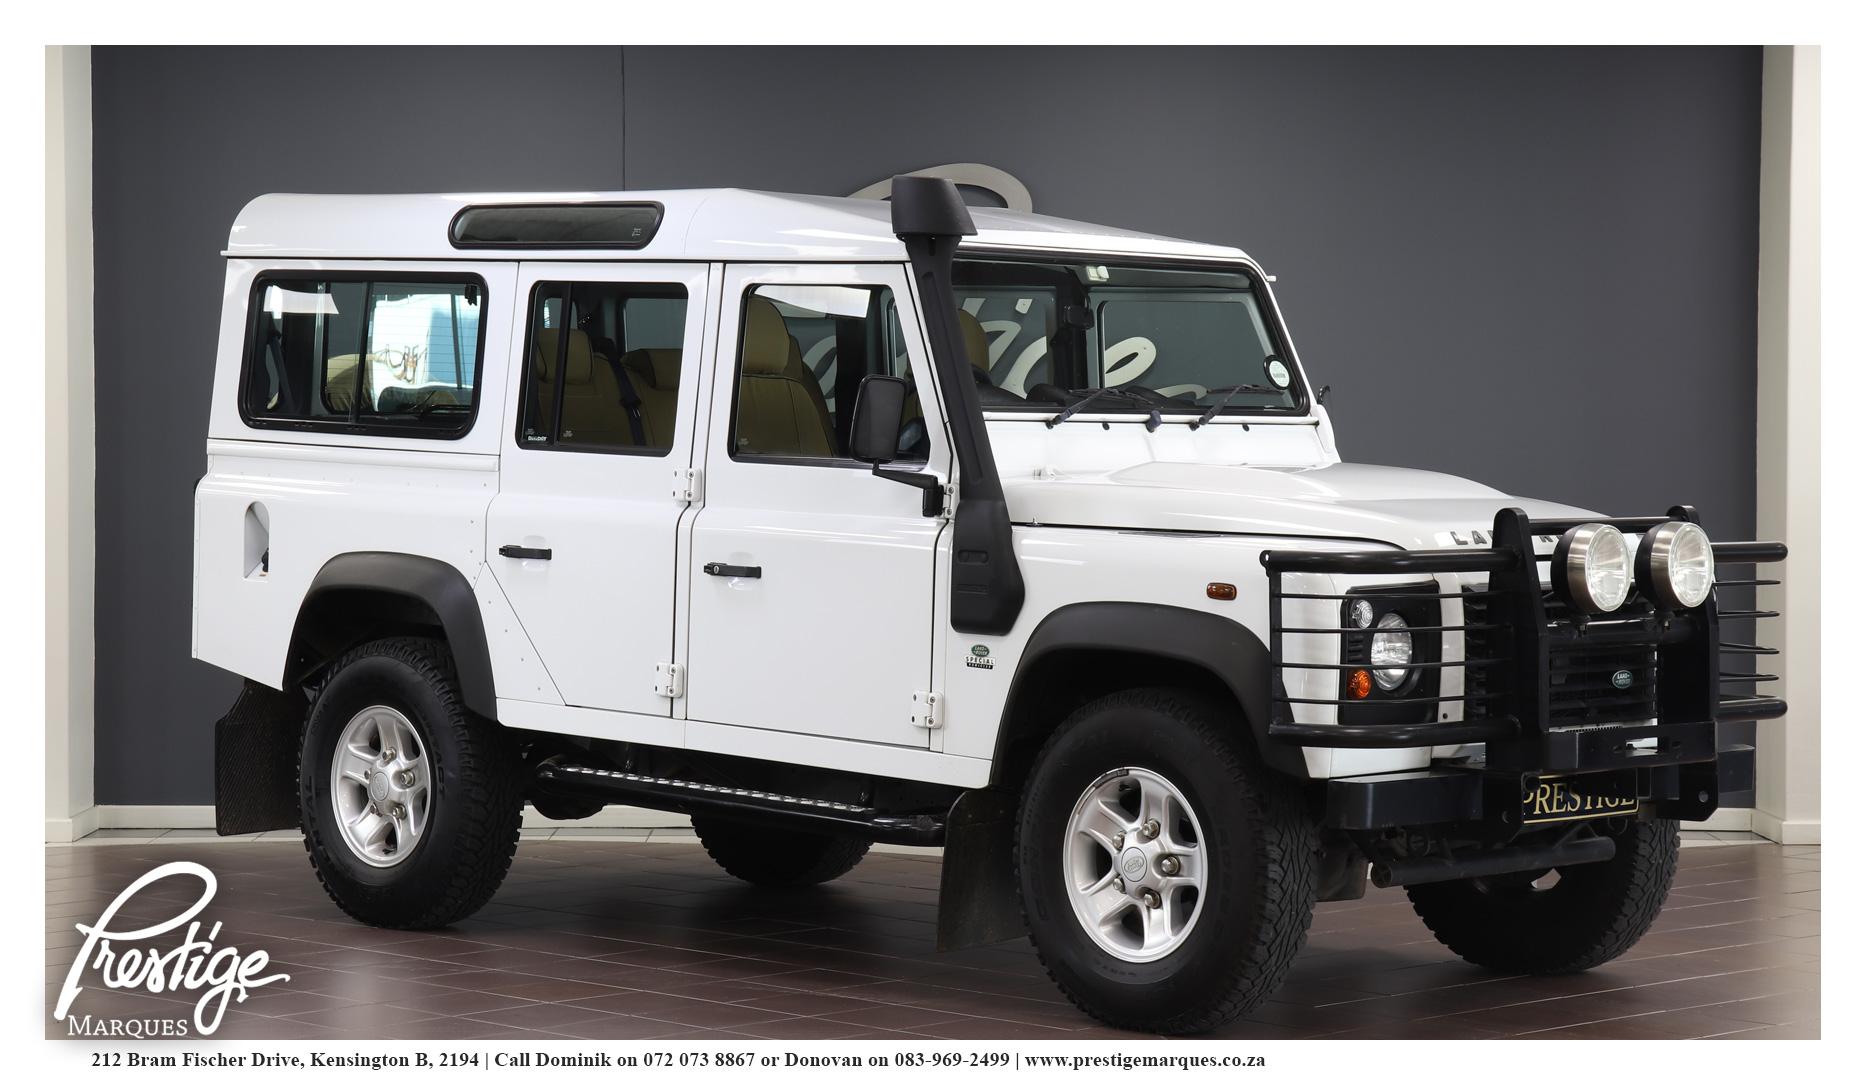 Land-Rover-Defender-110-2.5D-Prestige-Marques-1